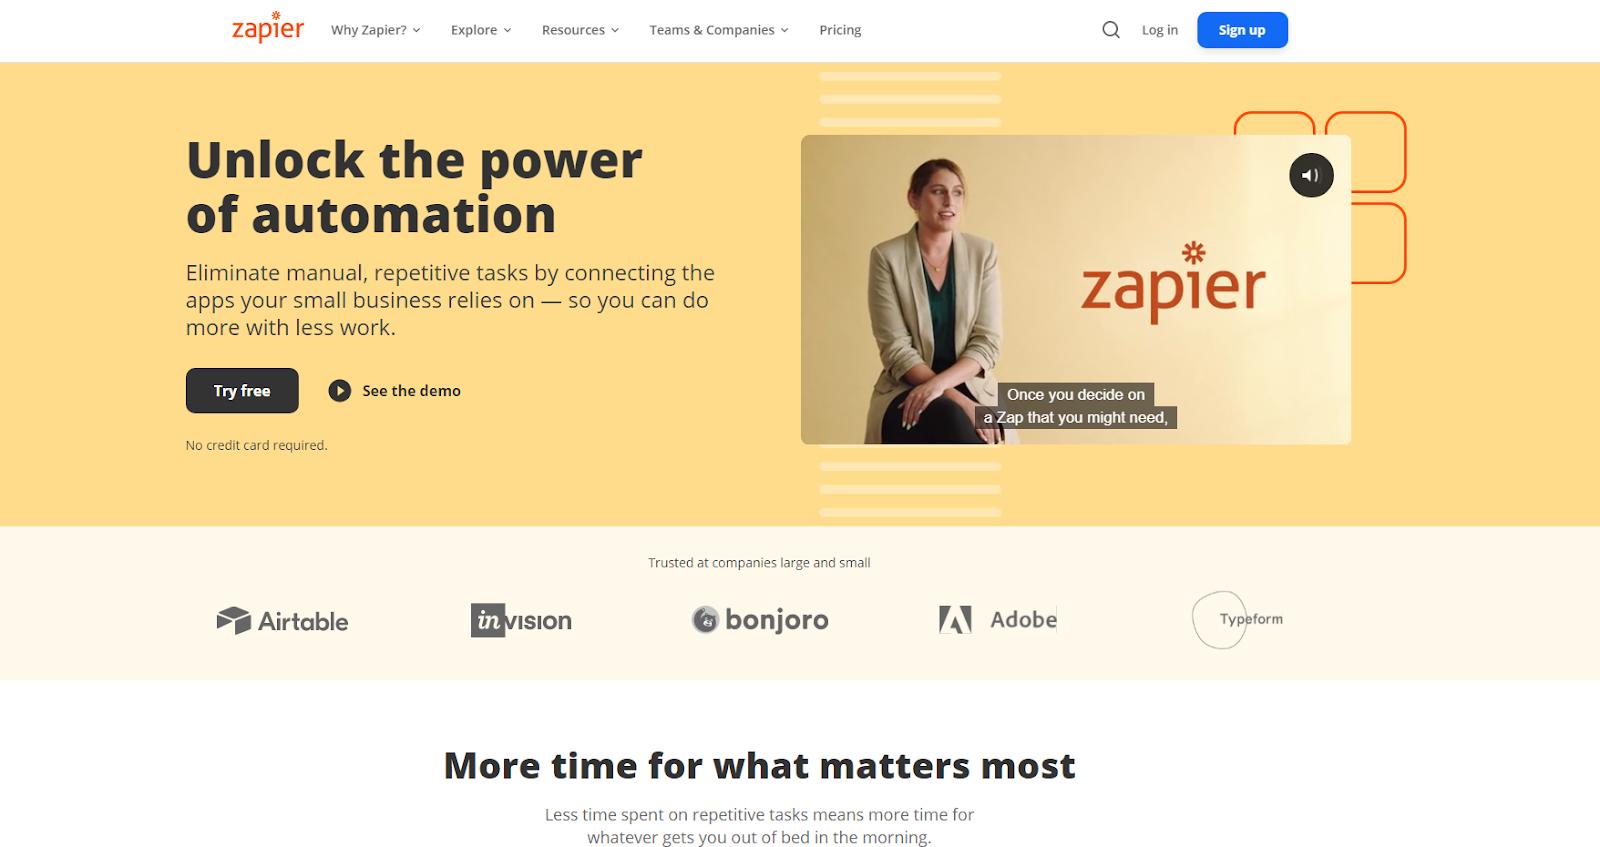 Zapier home page screenshot